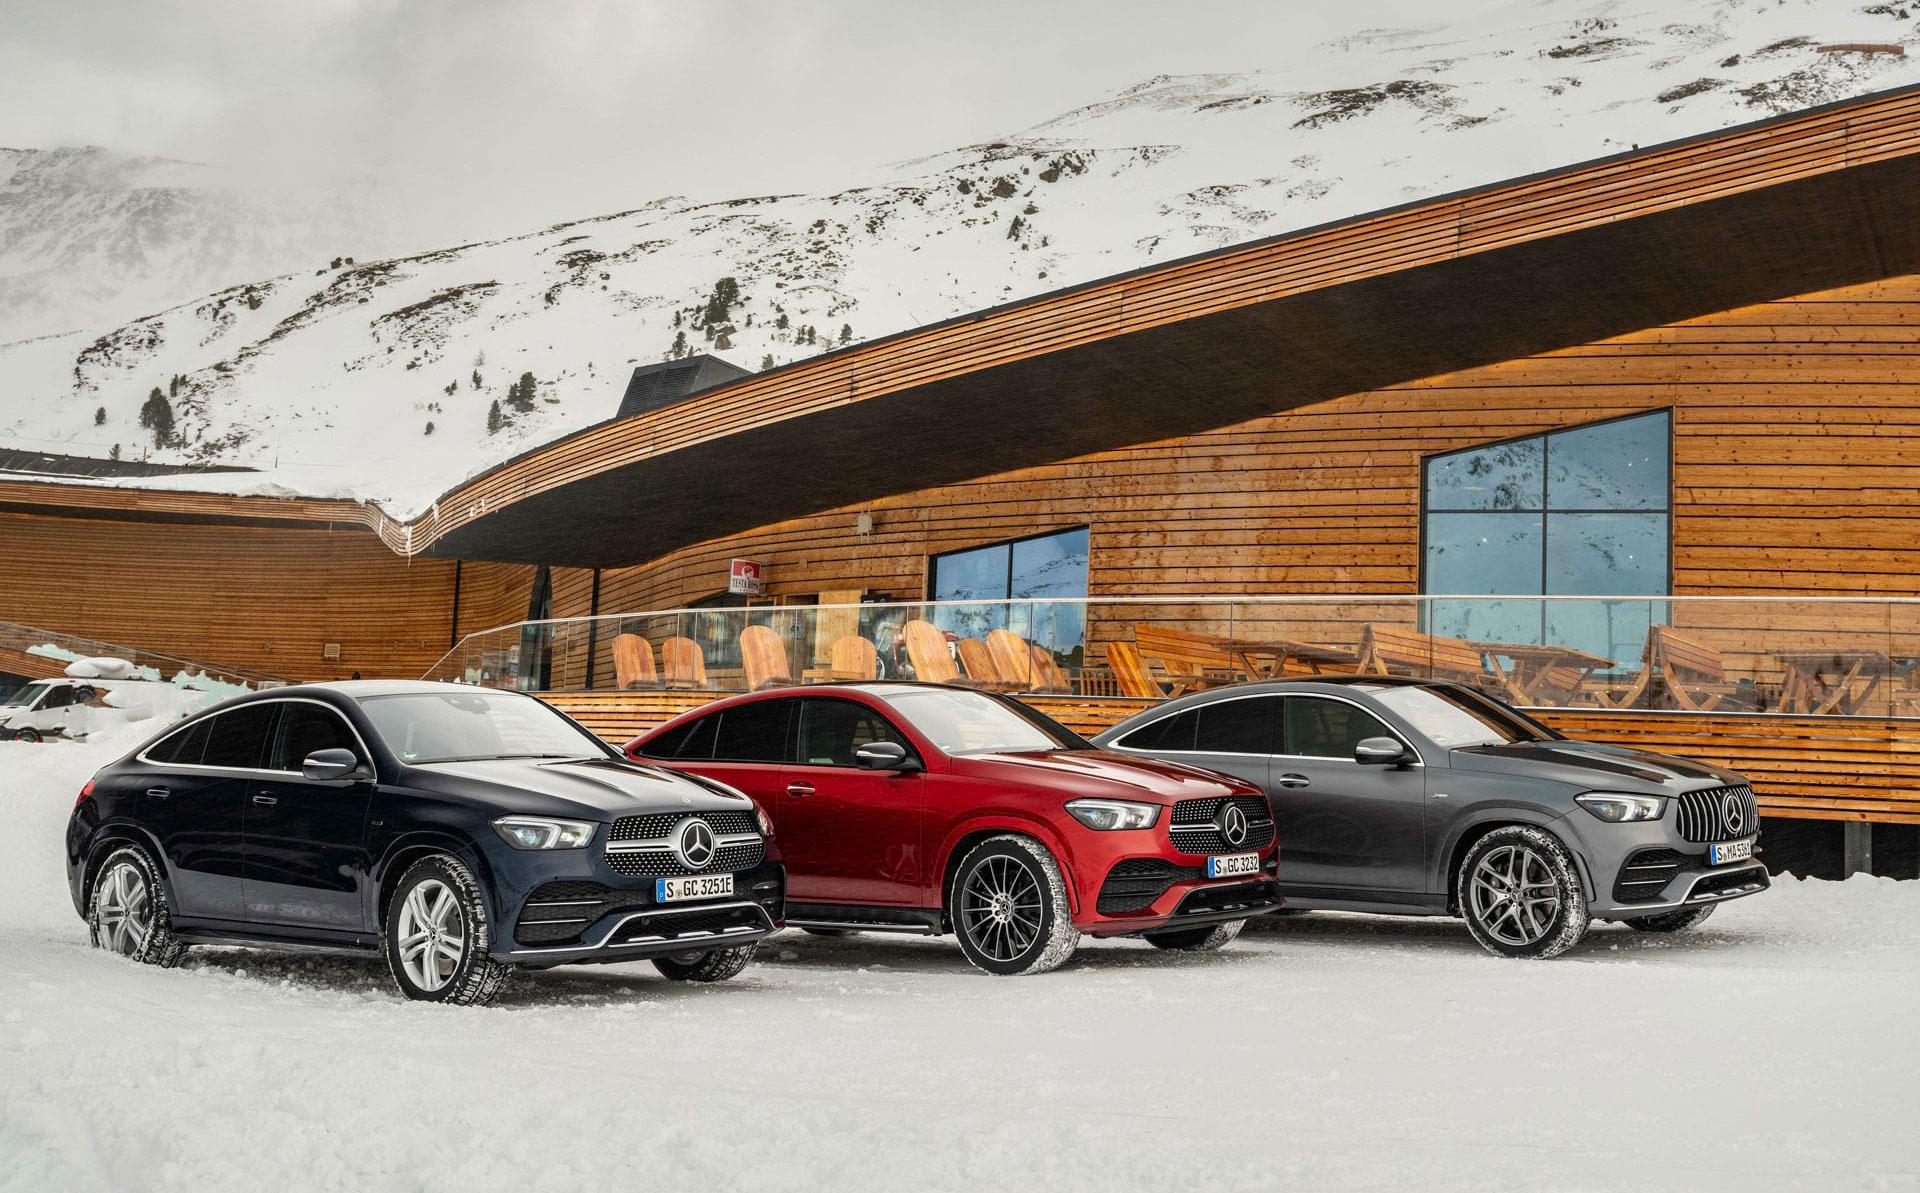 Mercedes-Benz GLE Coupe спортивна елегантність нового покоління